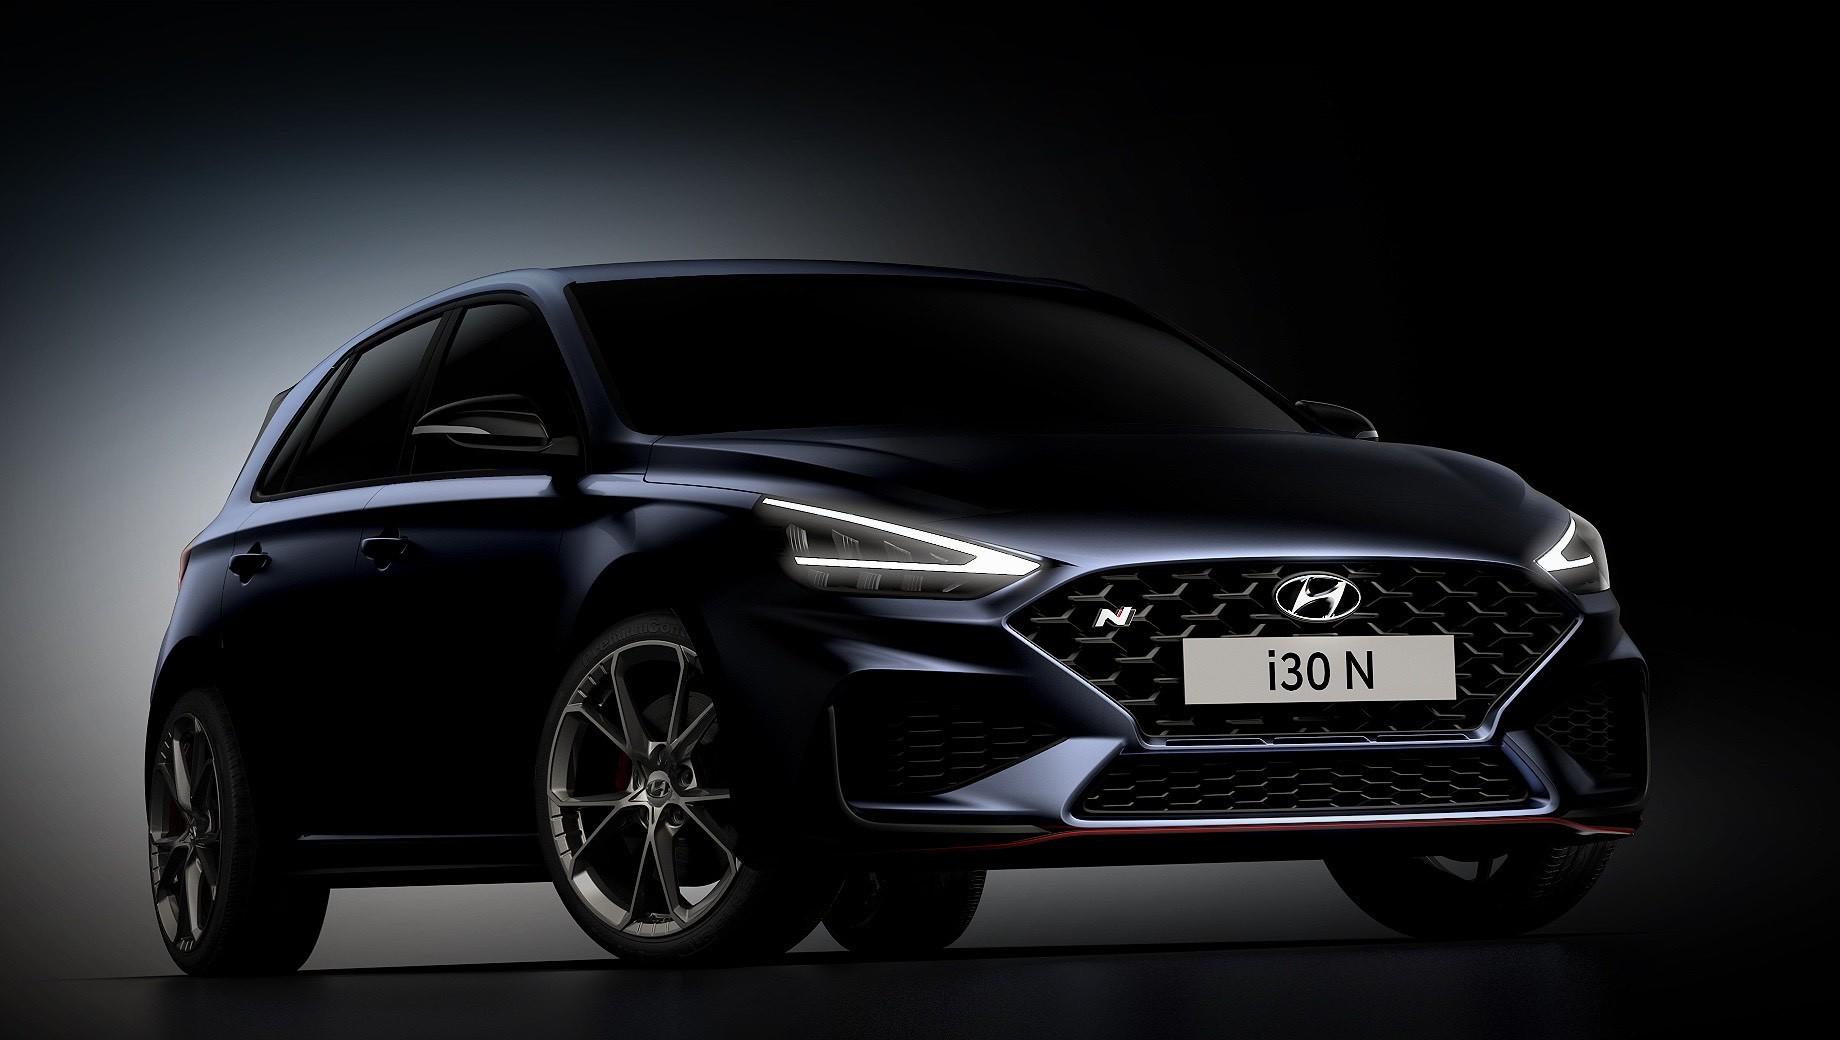 Hyundai i30 n. Предположительно, четырёхцилиндровый «турбомотор» Theta 2.0 T-GDI сохранит прежние показатели. Сейчас агрегат по умолчанию выдаёт 250 л.с. и 353 Н•м, а с пакетом Performance — 275 л.с. при том же крутящем моменте.